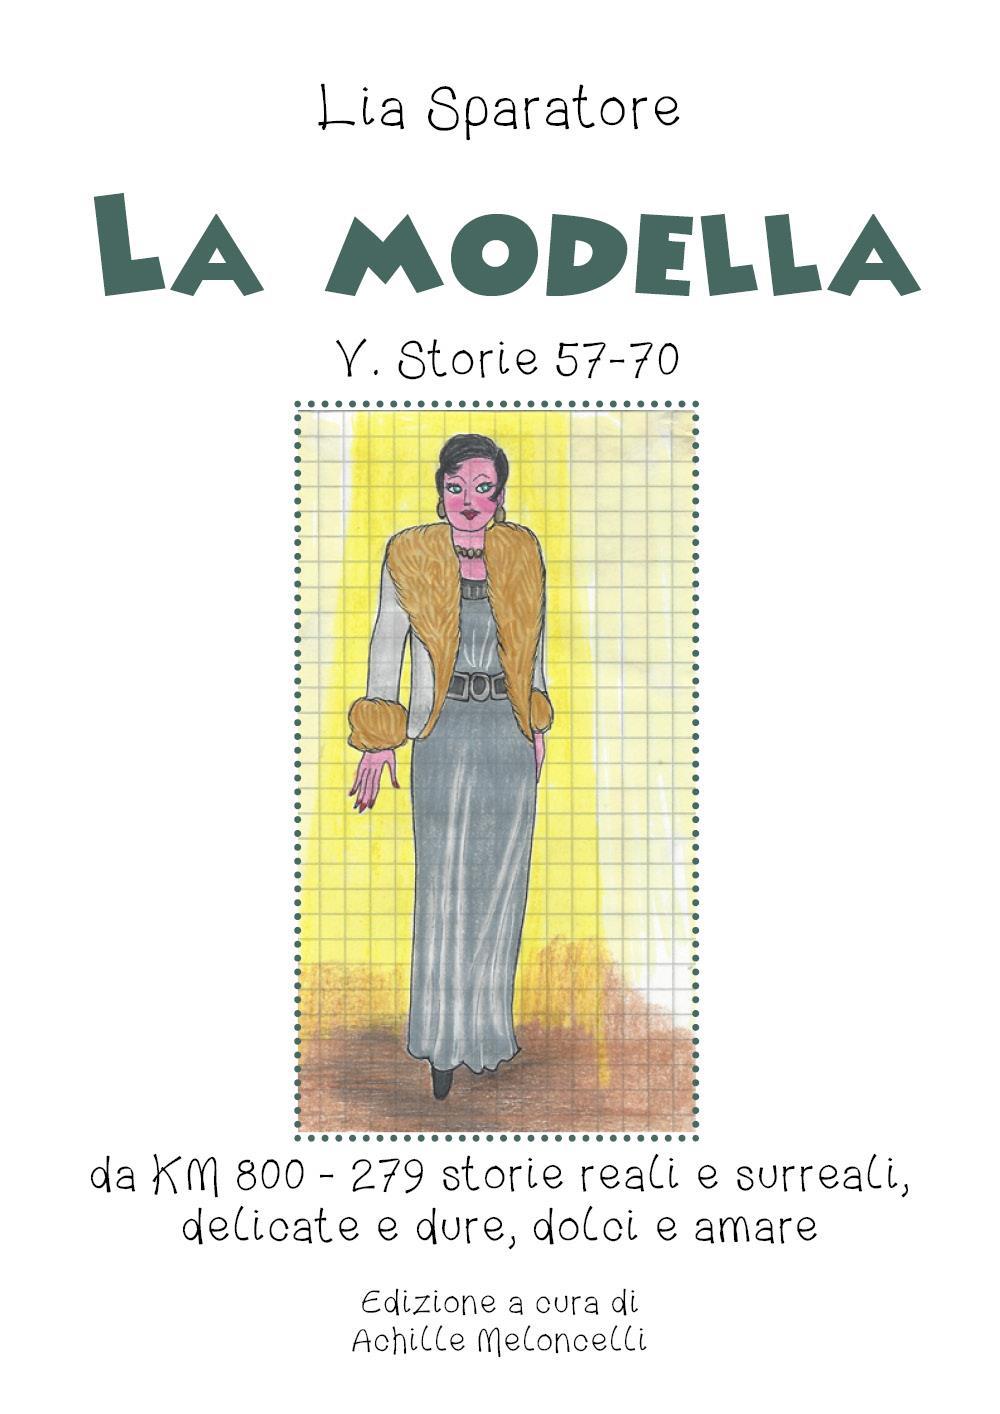 La modella  V. Storie 57-70 da KM 800 - 279 storie reali e surreali, delicate e dure, dolci e amare